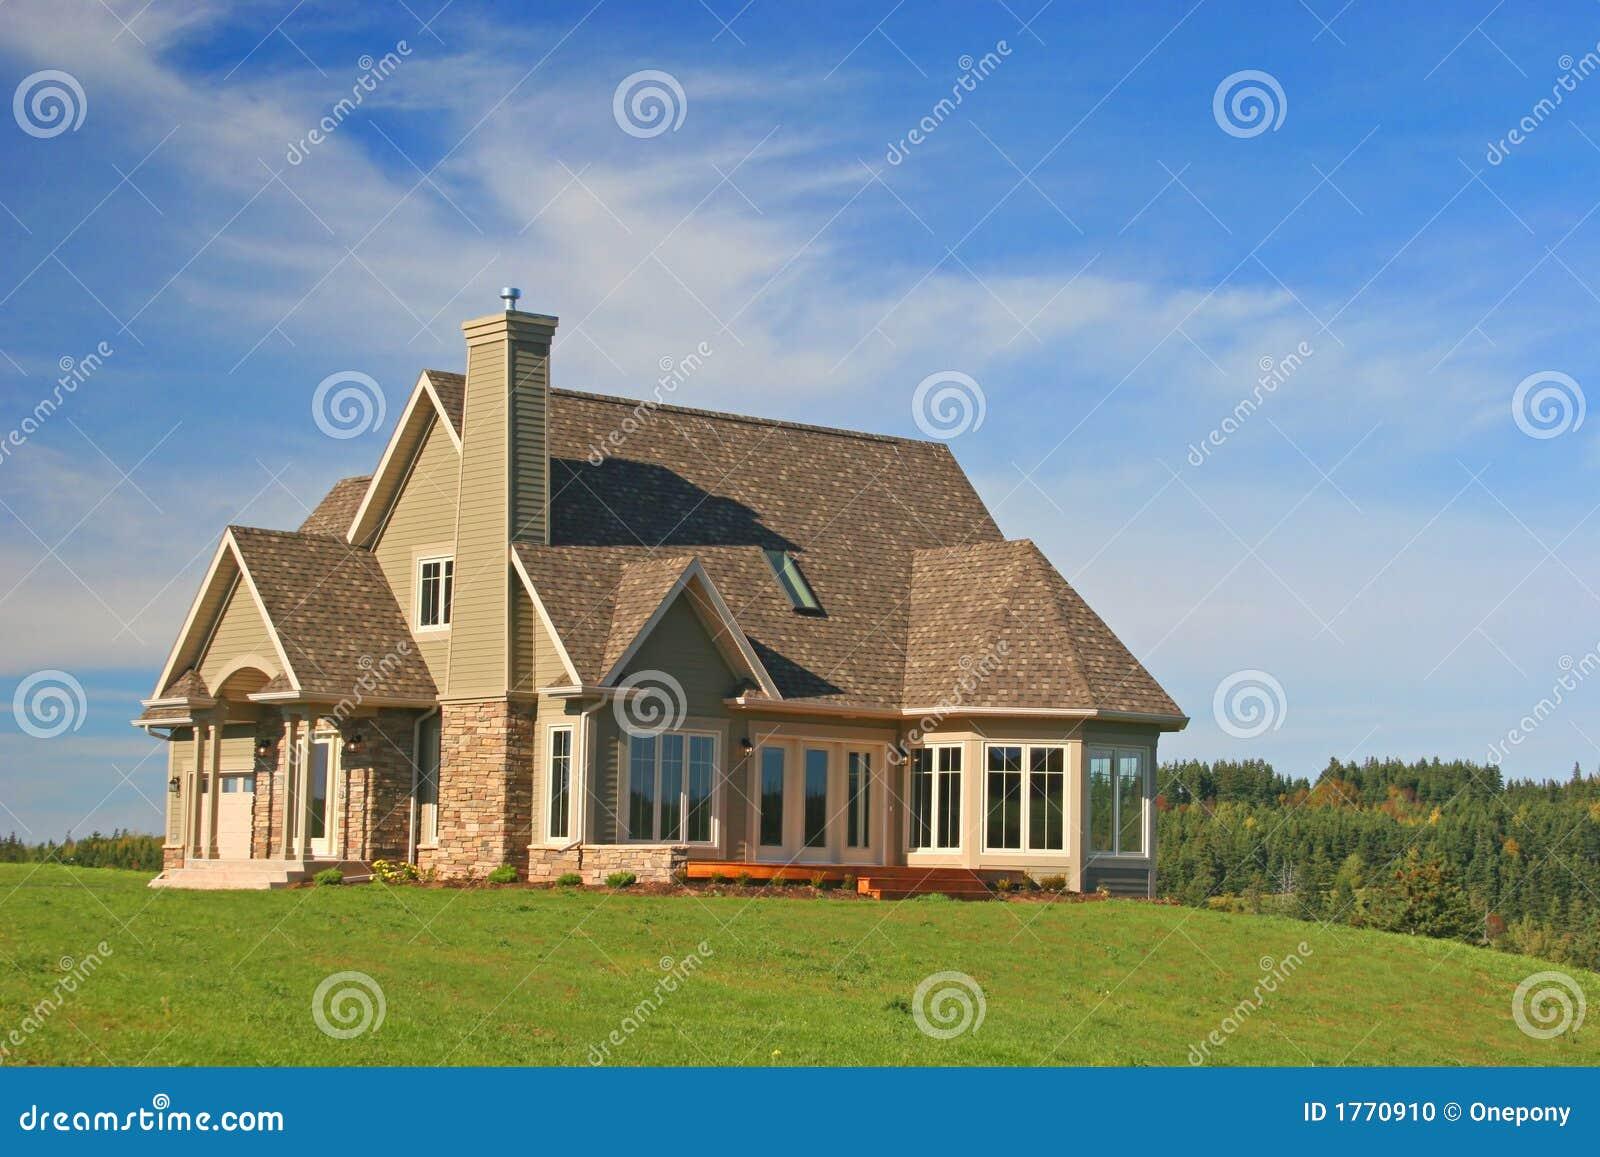 brand-new-house-1770910.jpg